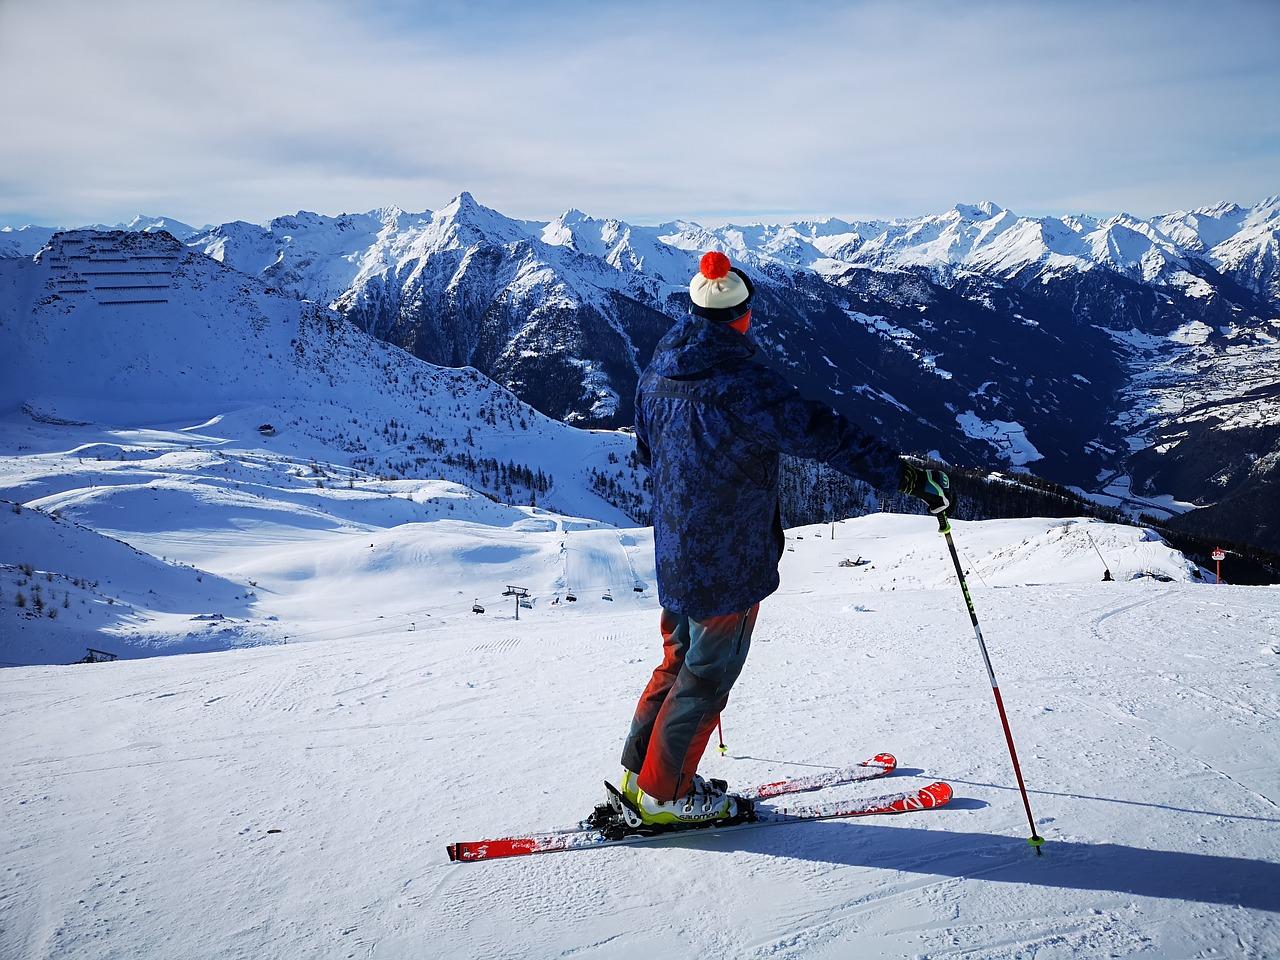 sezon-narciarski-2019-2020-jak-sie-przygotowac